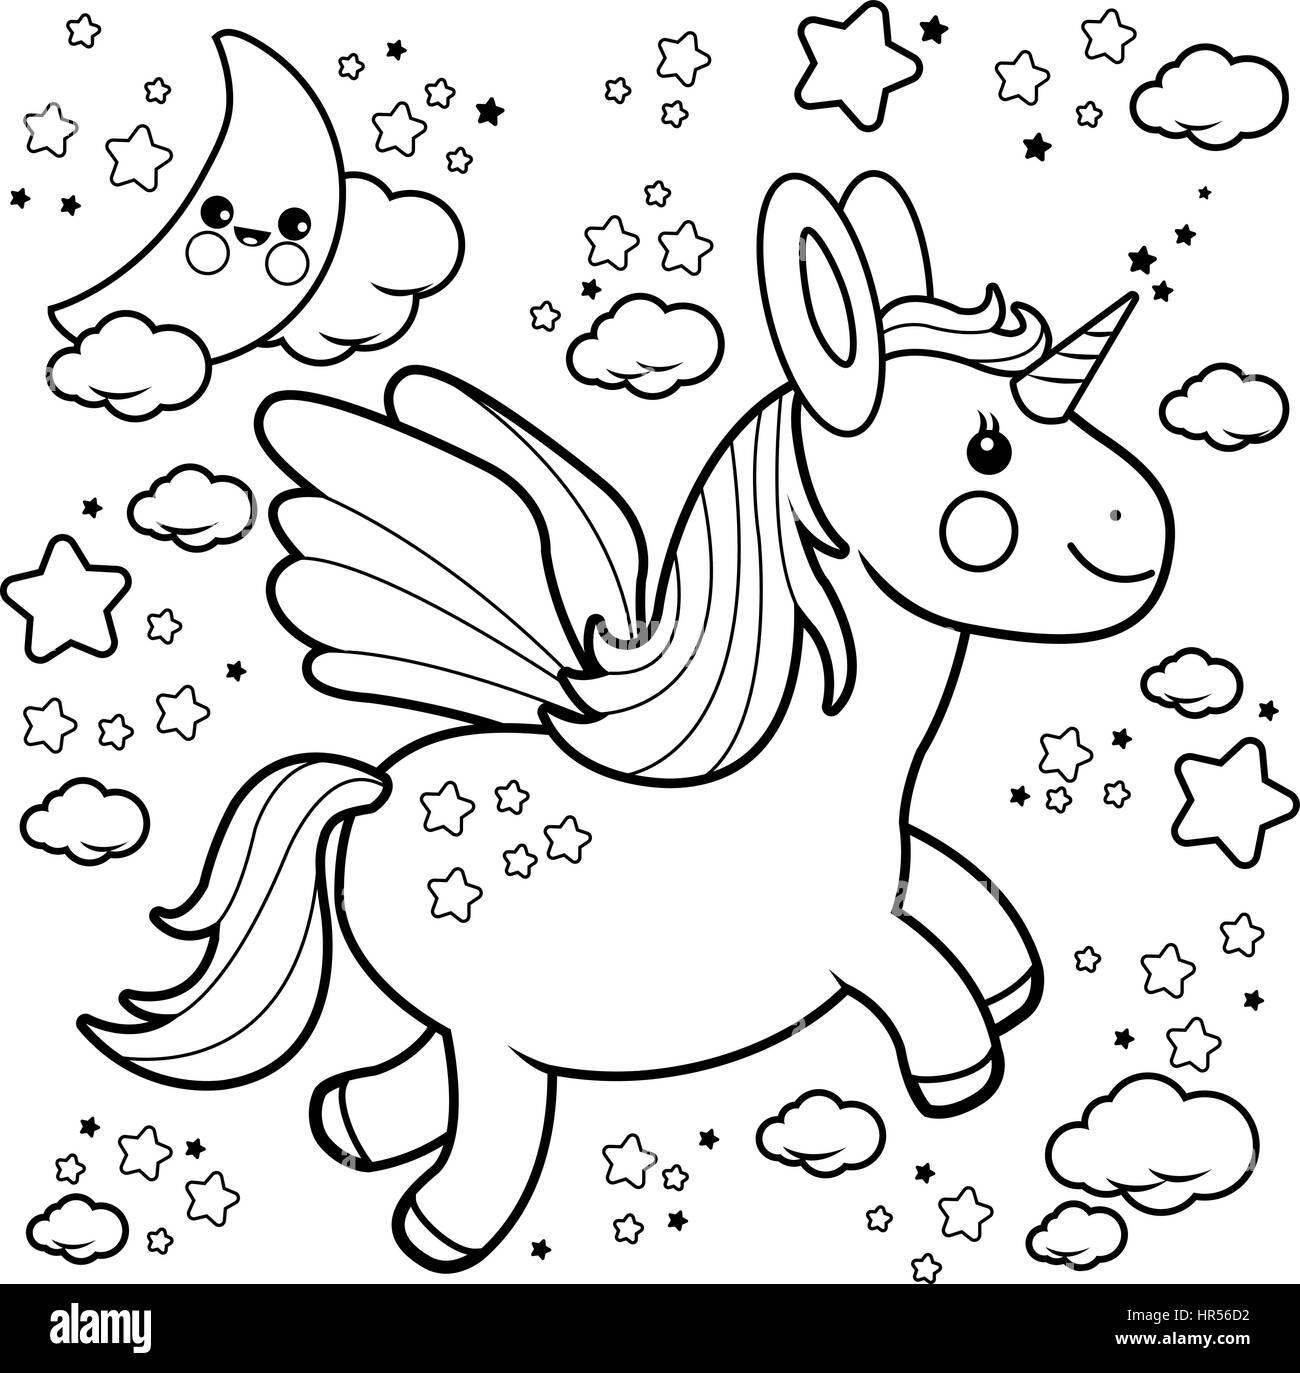 Coloriage Licorne Nuage.Vector Illustration D Un Unicorn Mignon Voler Dans Le Ciel De Nuit